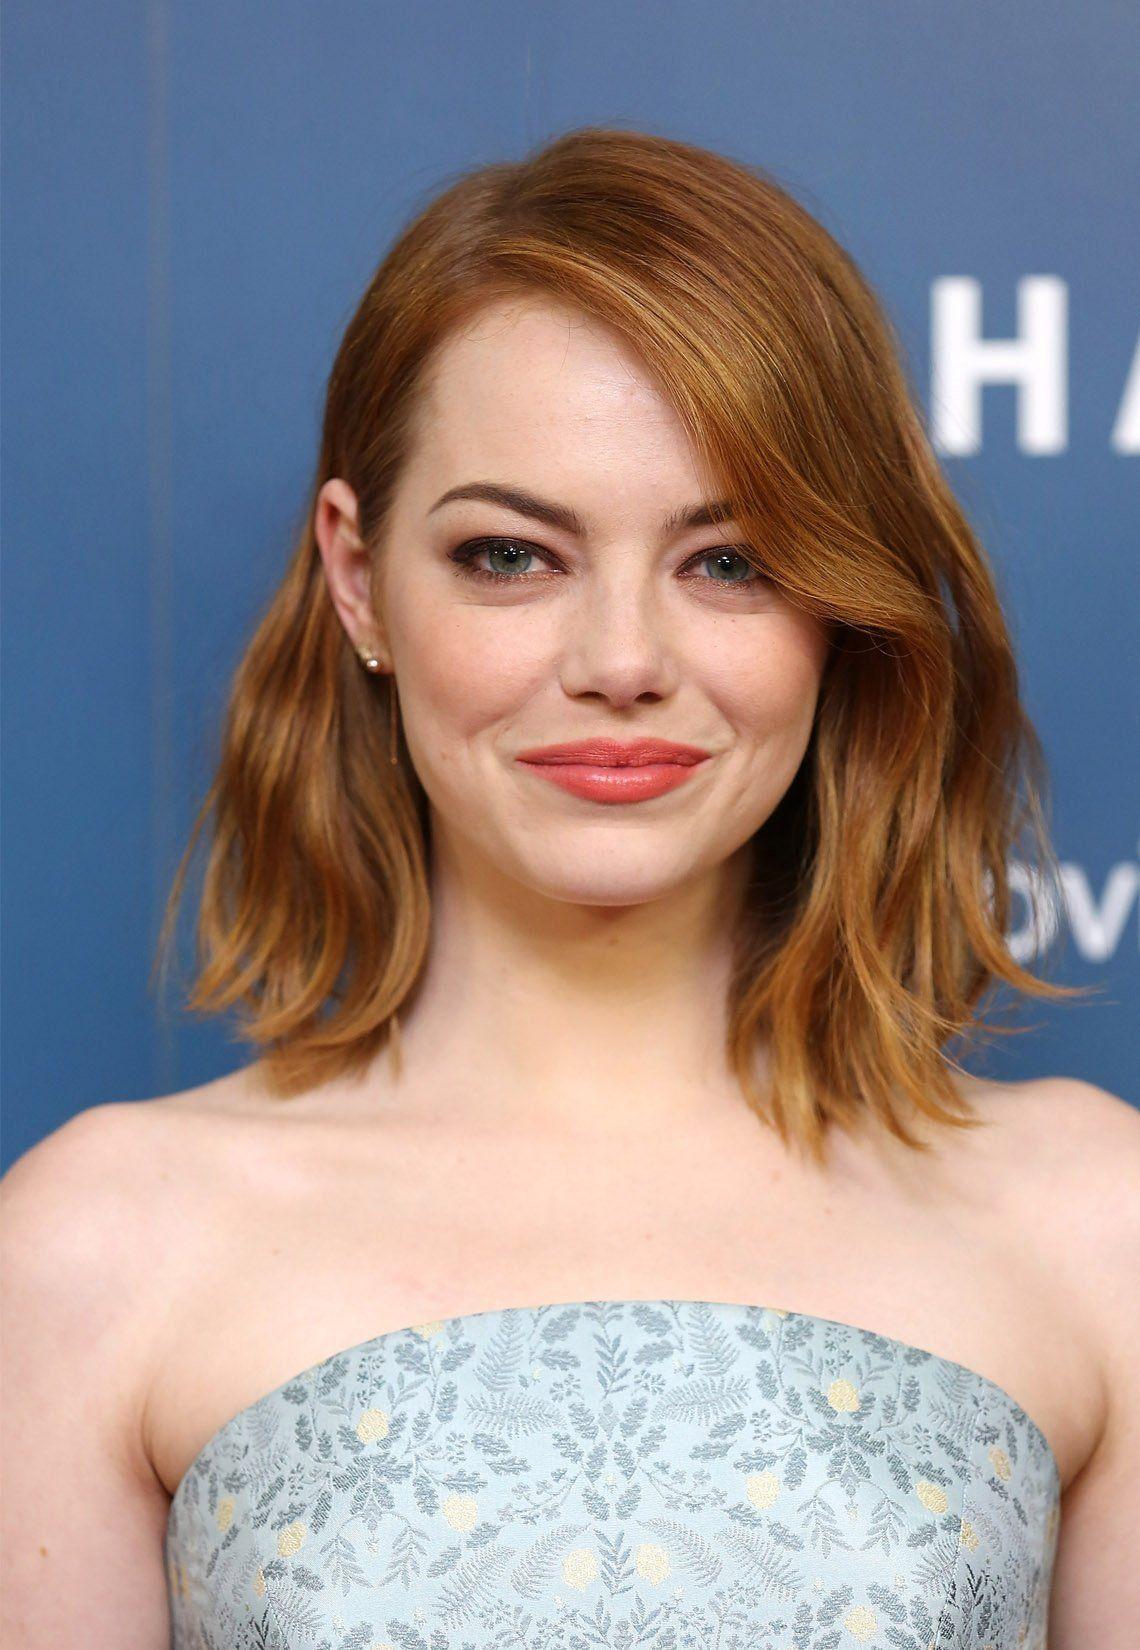 Ein Rundes Gesicht Schmaler Stylen Emma Stone Frisuren Rundes Gesicht Haarschonheit